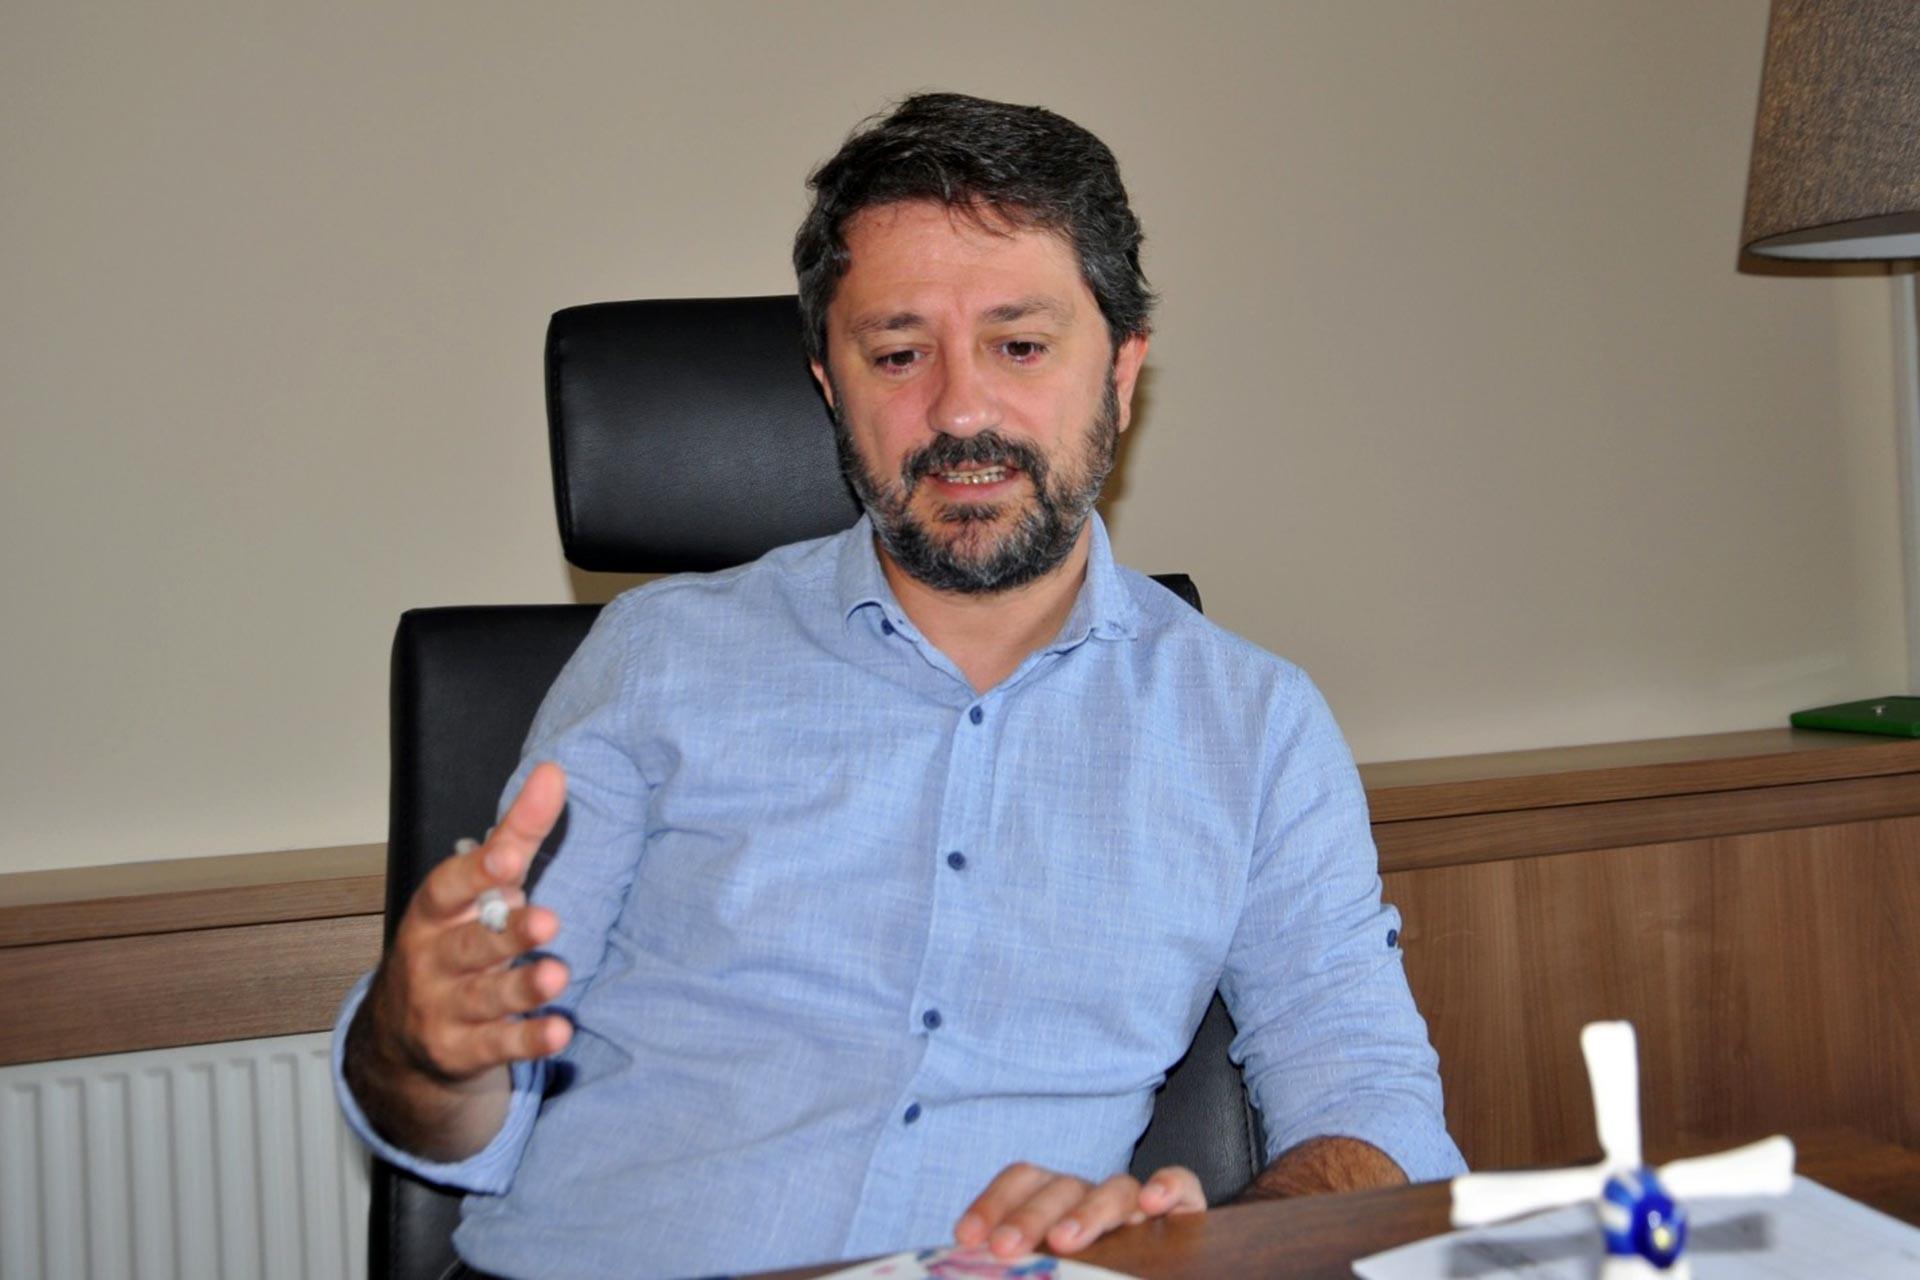 Akademisyen Erhan Keleşoğlu